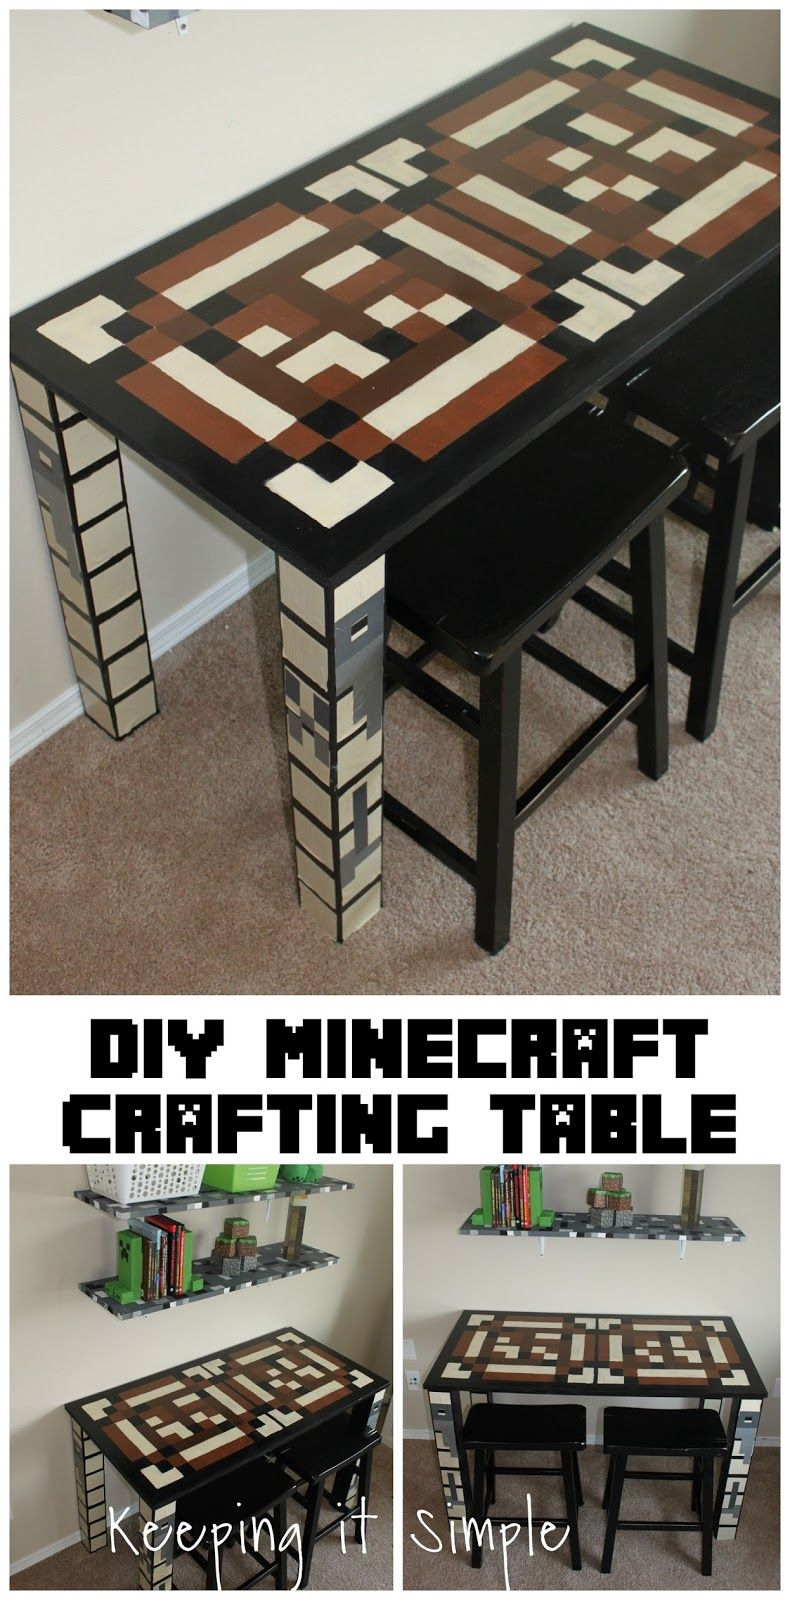 diy minecraft furniture- minecraft crafting table. #minecraft